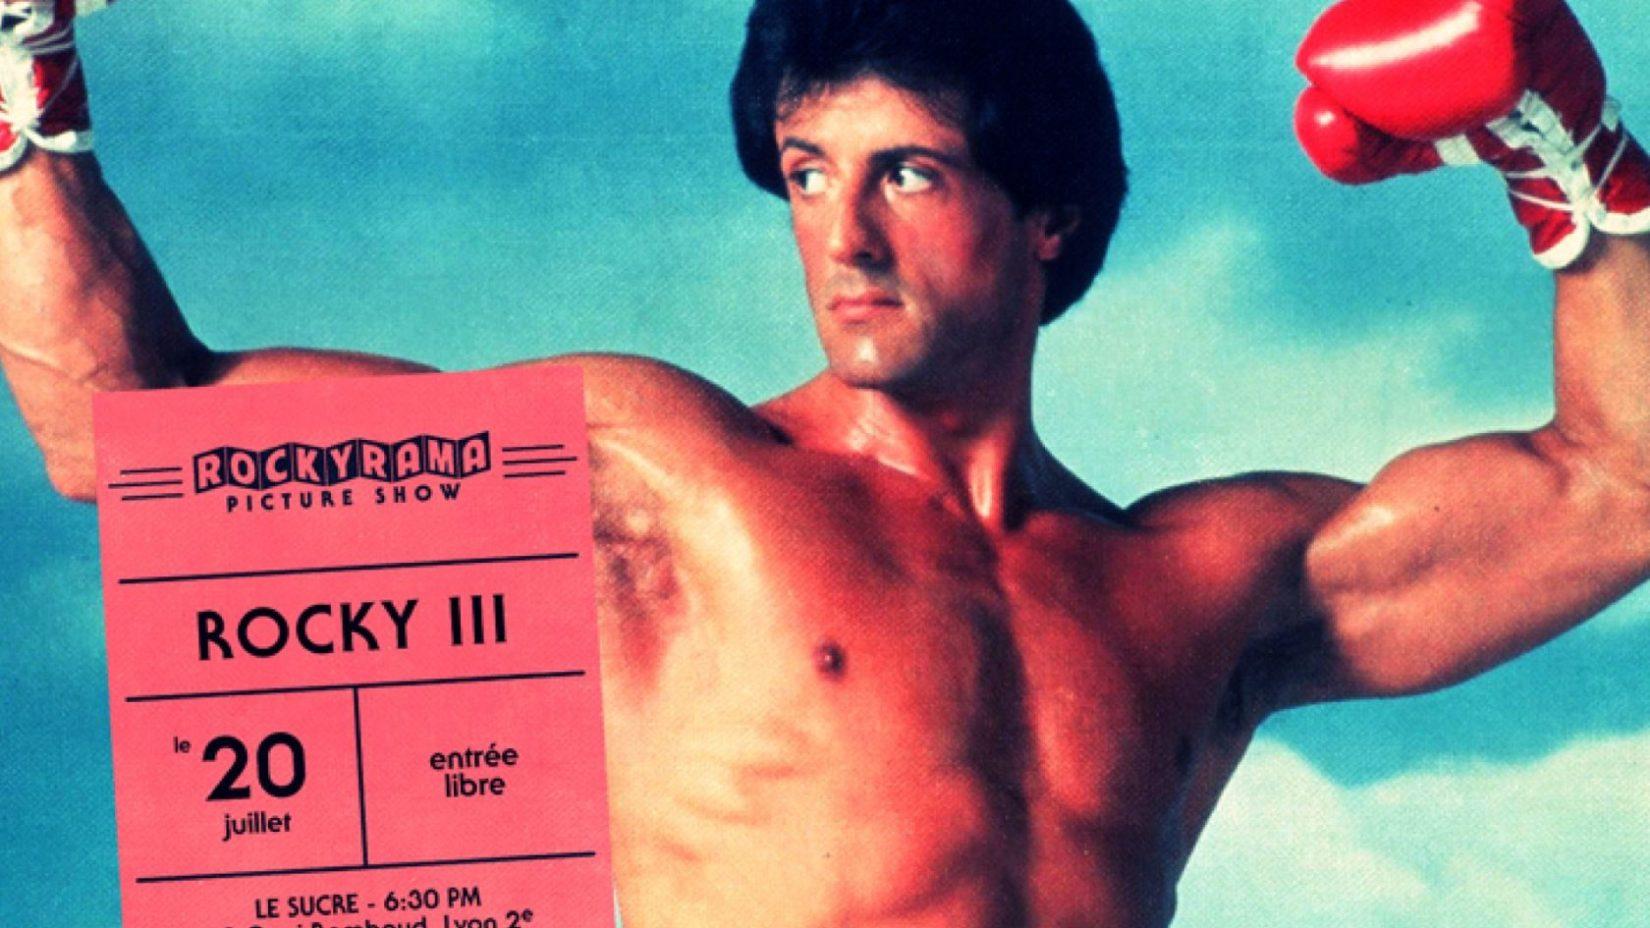 Rockyrama Picture Show Rocky III